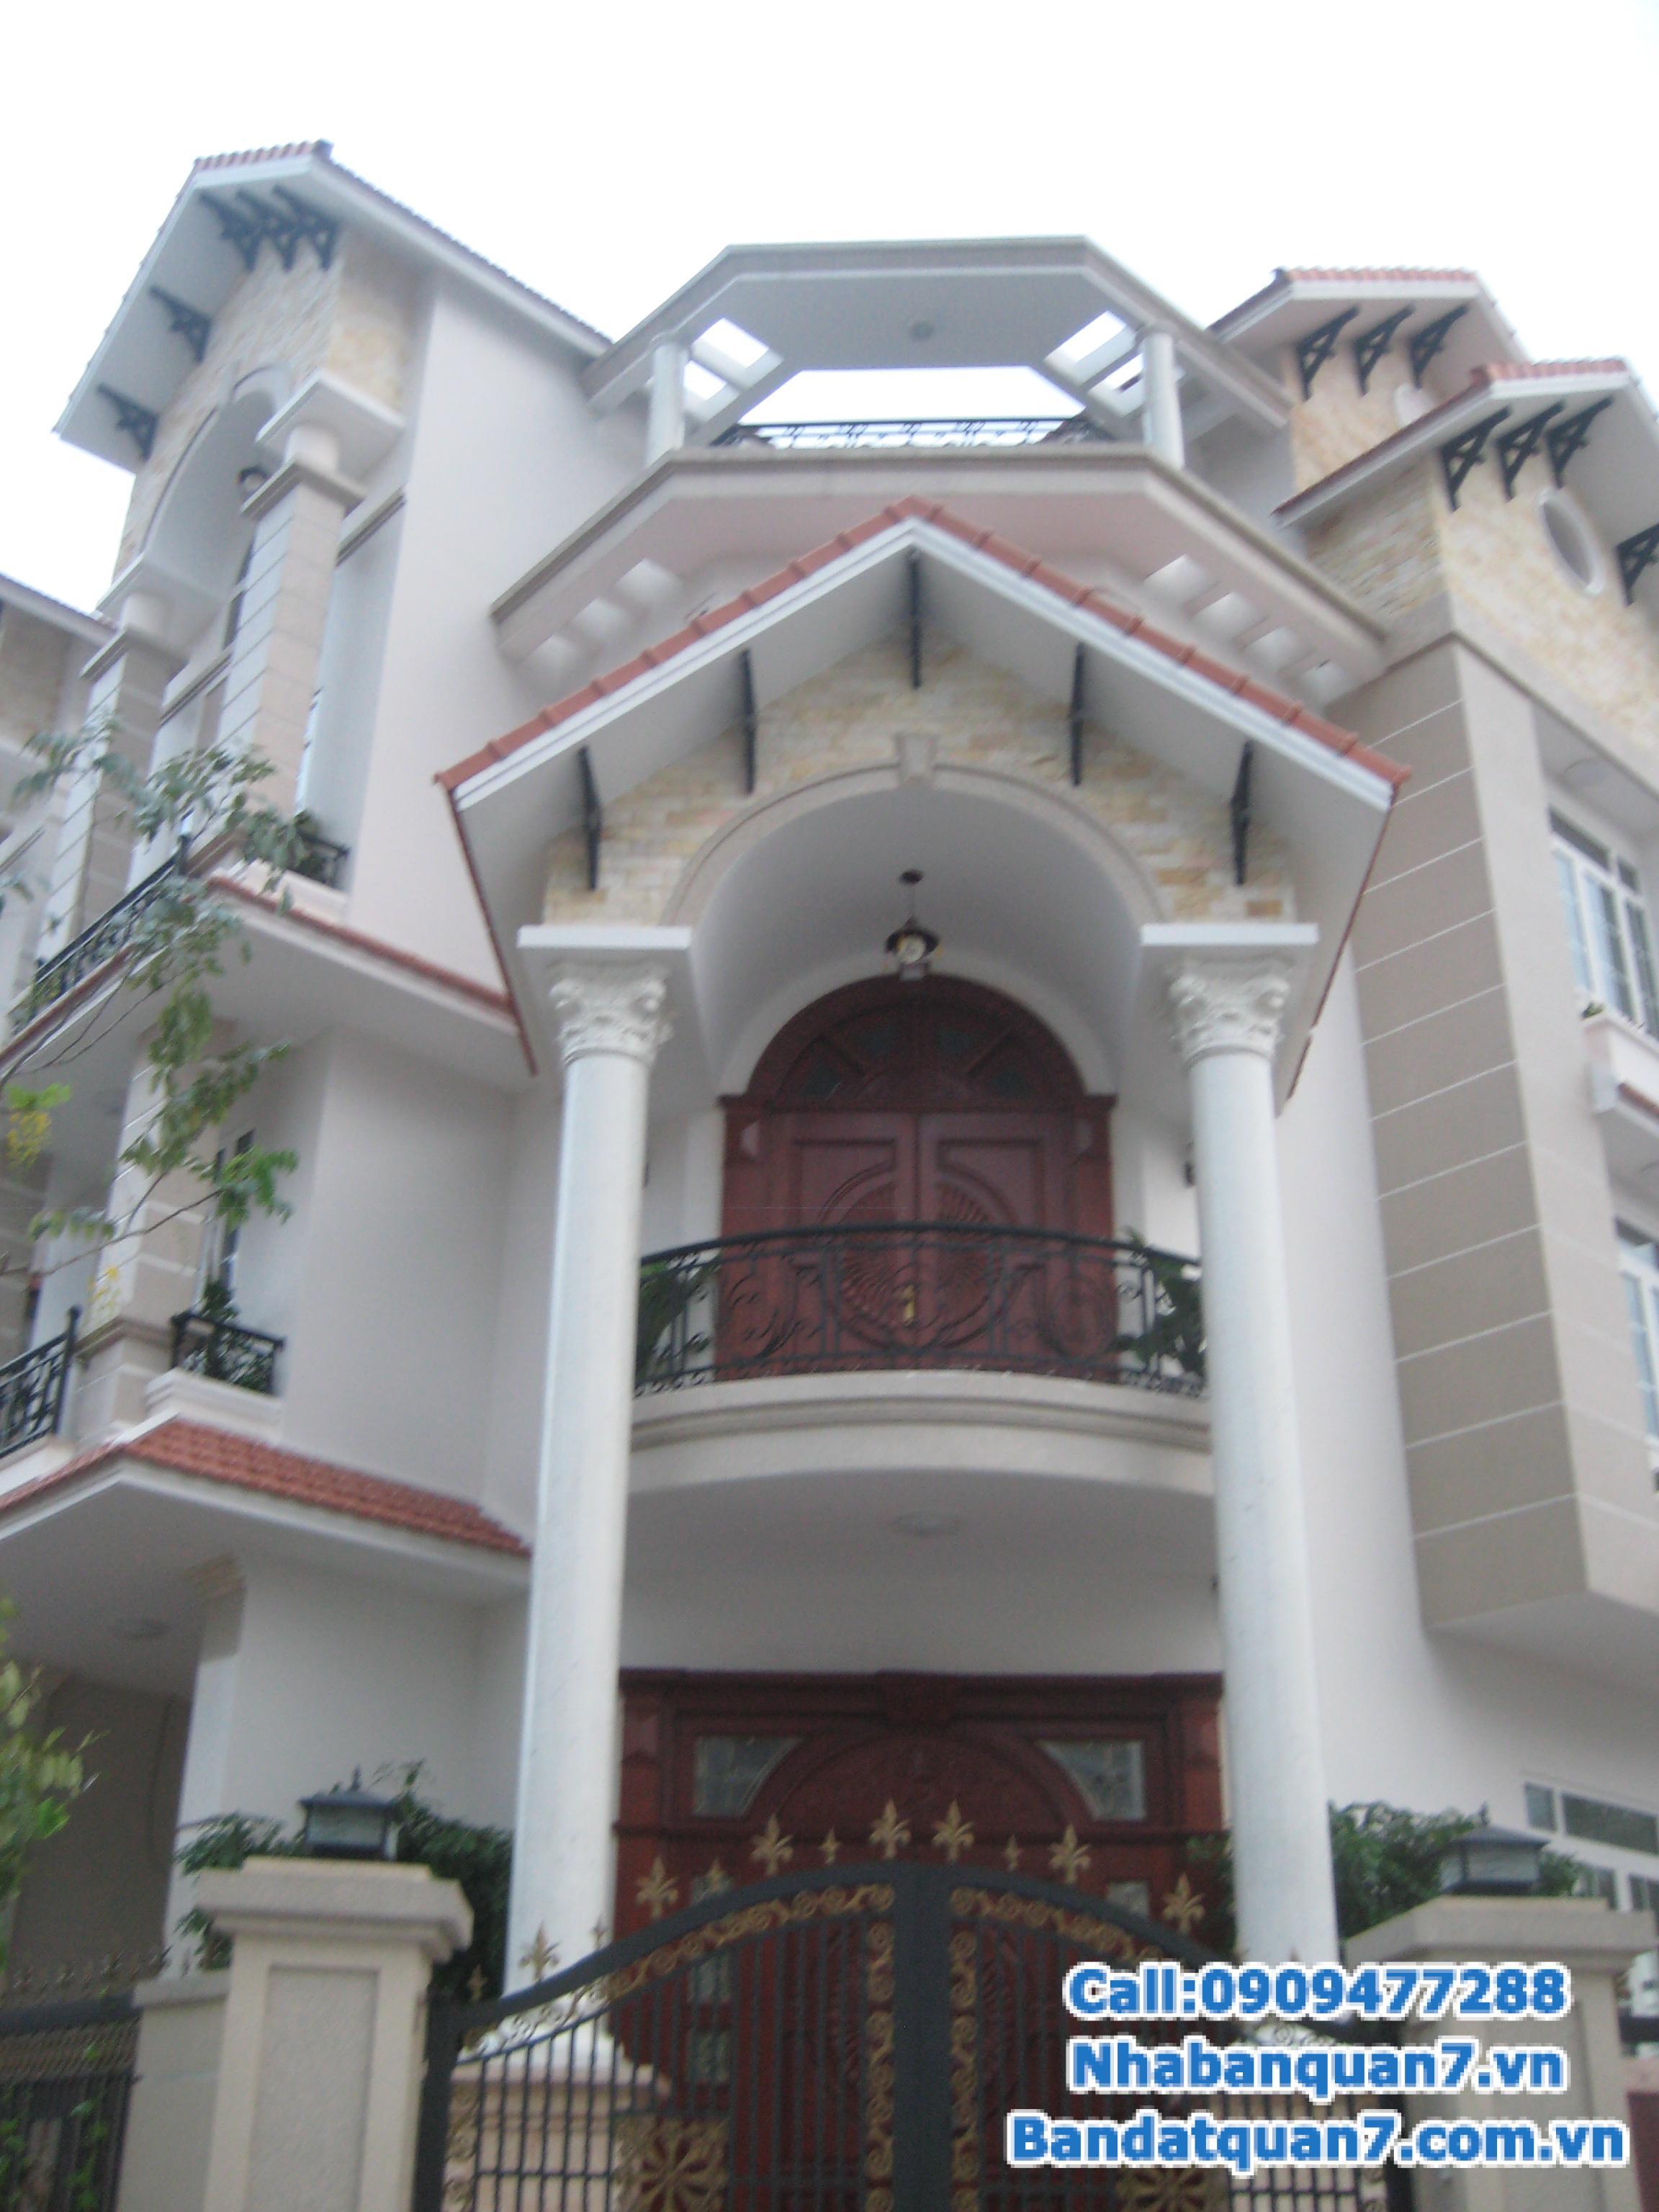 Bán khách sạn khu Trung Sơn chuẩn 2 sao, mới, vị trí đẹp.